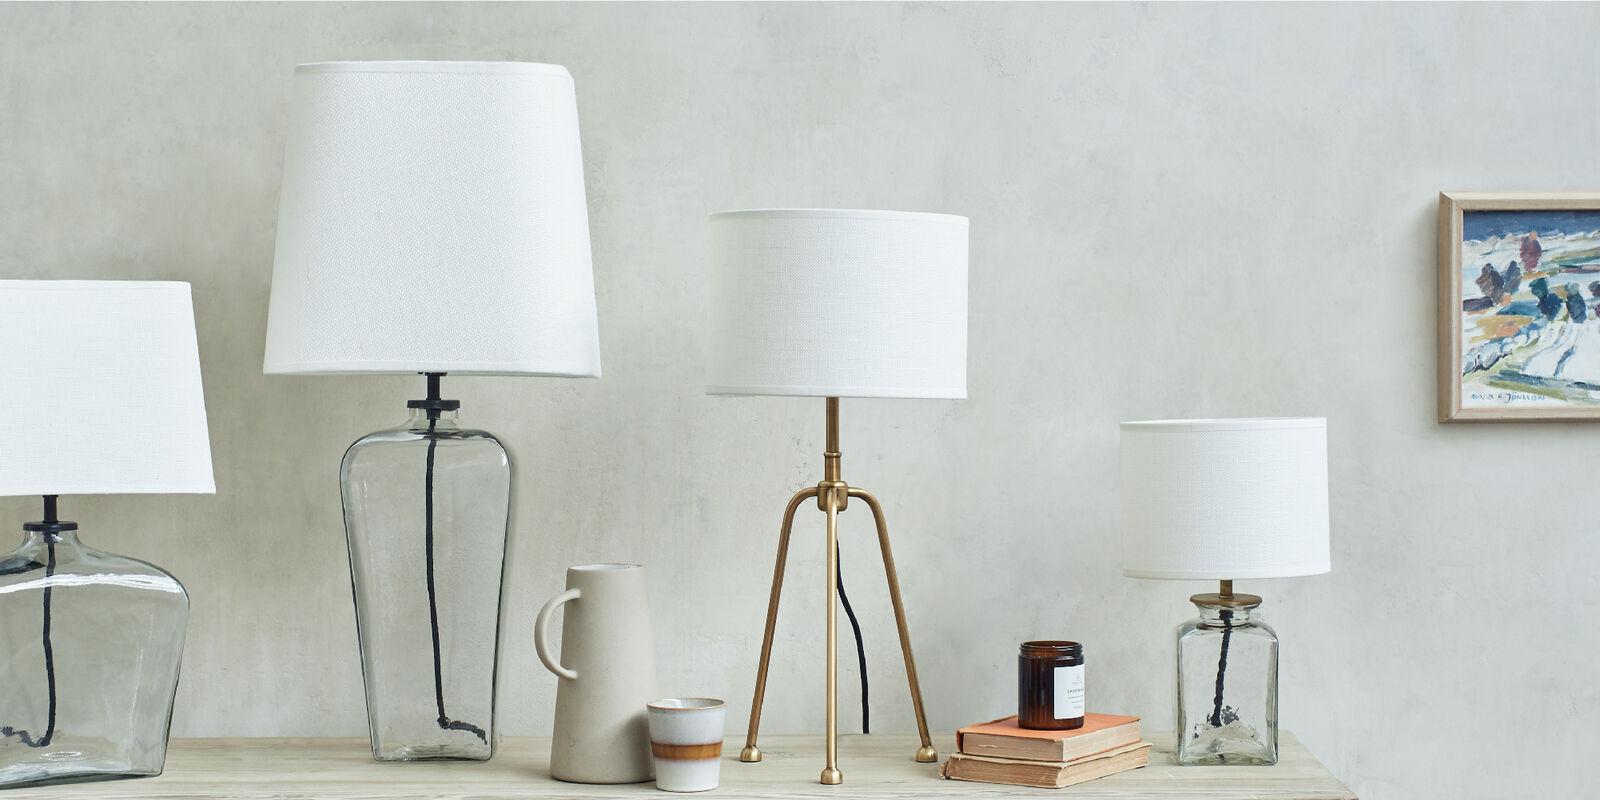 Desk lamp range